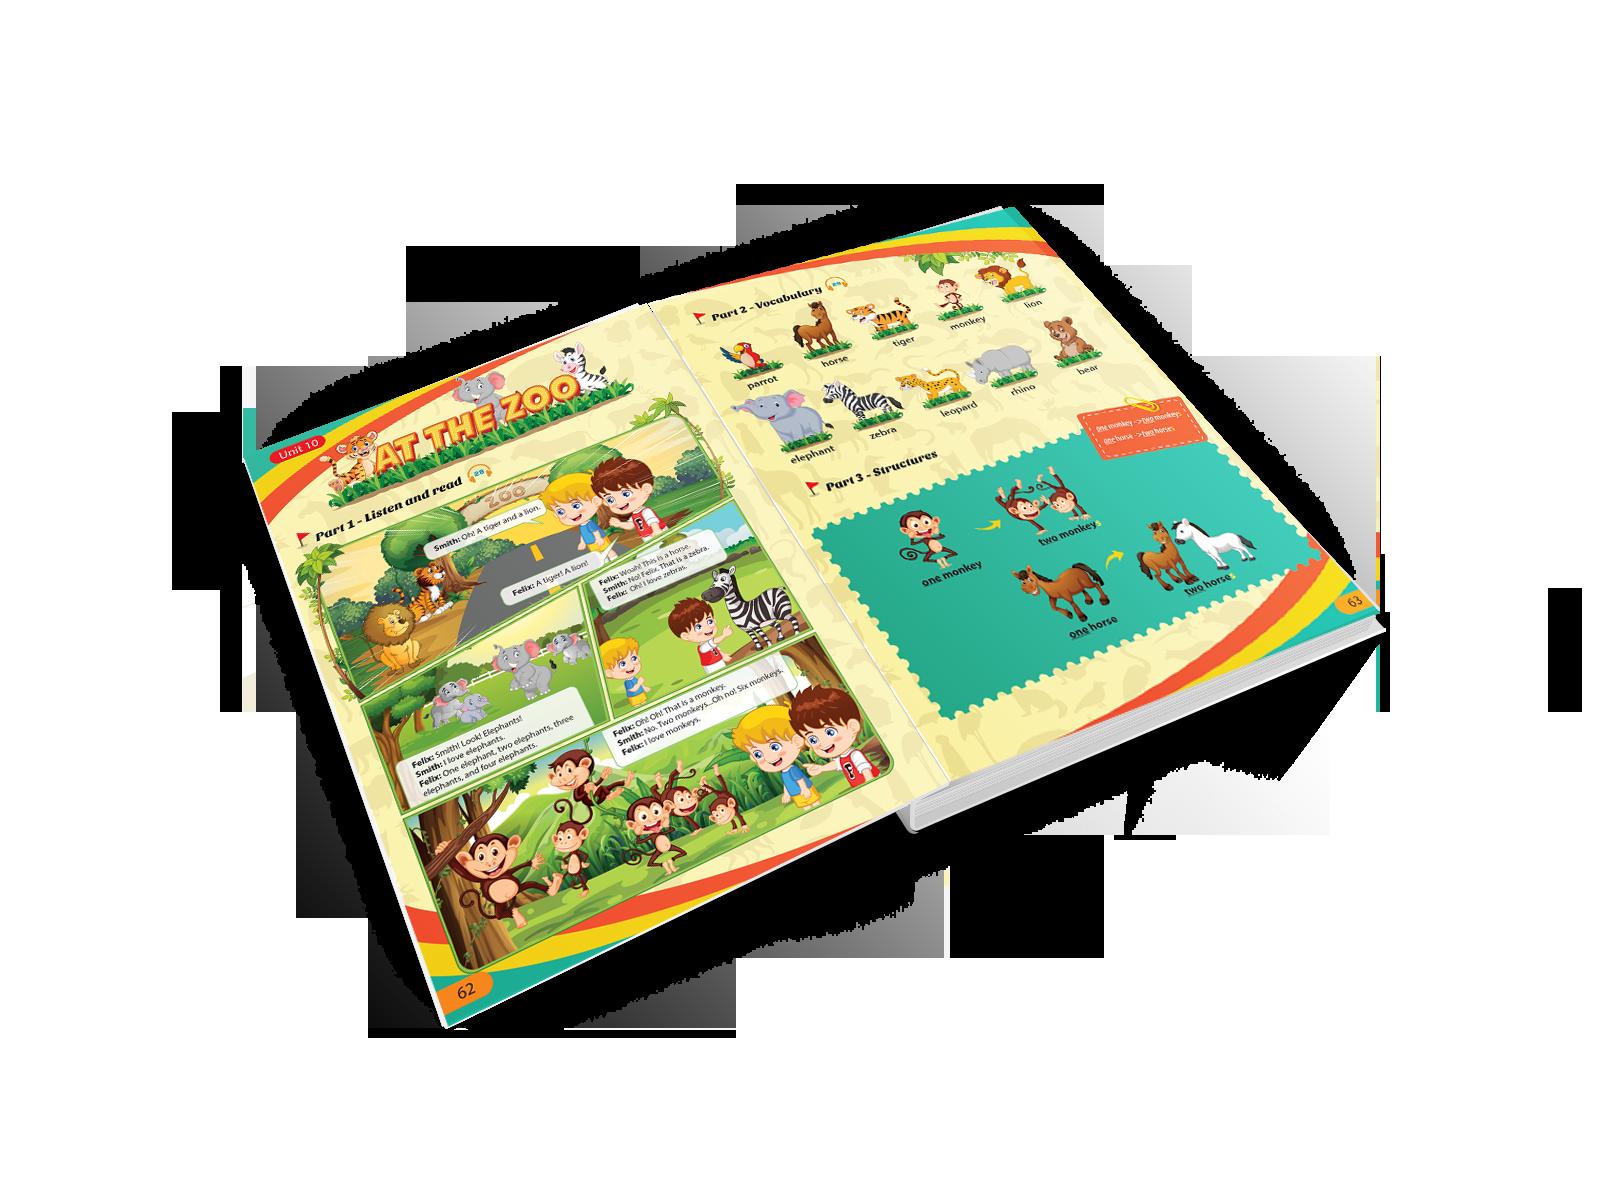 Sách học tiếng Anh cho trẻ em Kid's Friends của Alokiddy